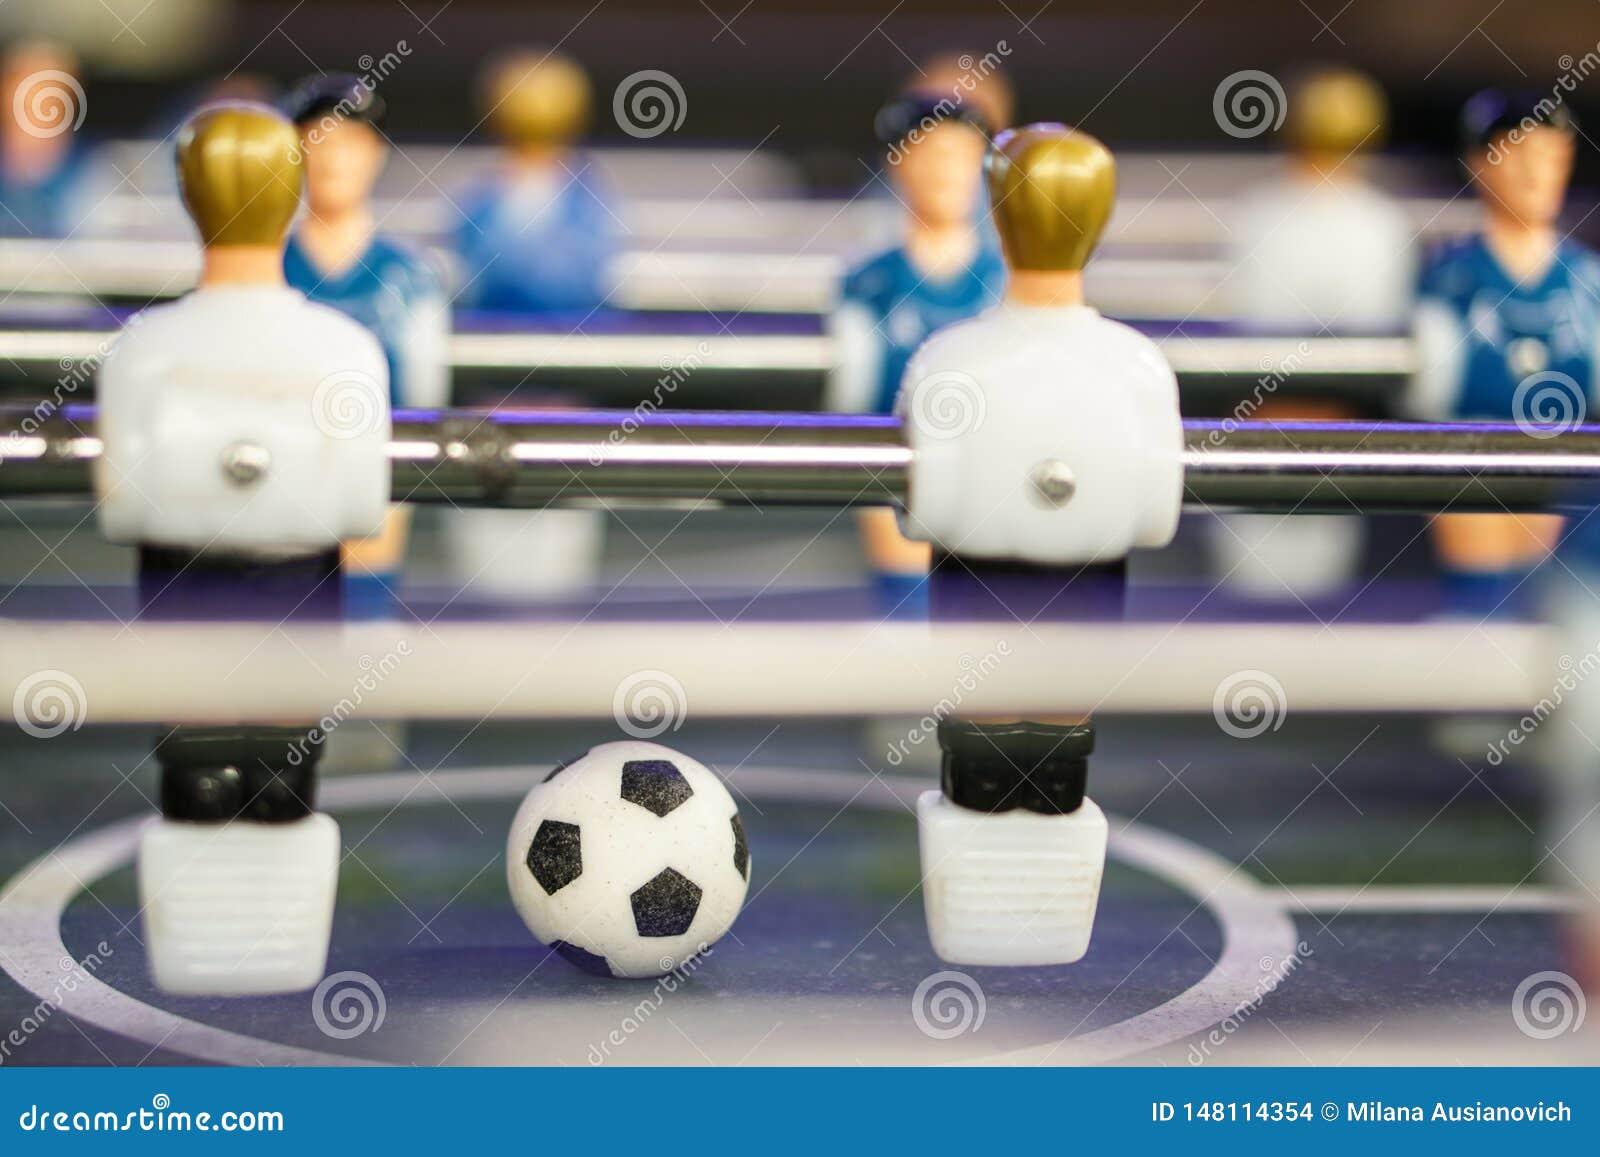 Sto?owy futbolowy meczu pi?karskiego kopacz Futbolowa piłka na plac zabaw